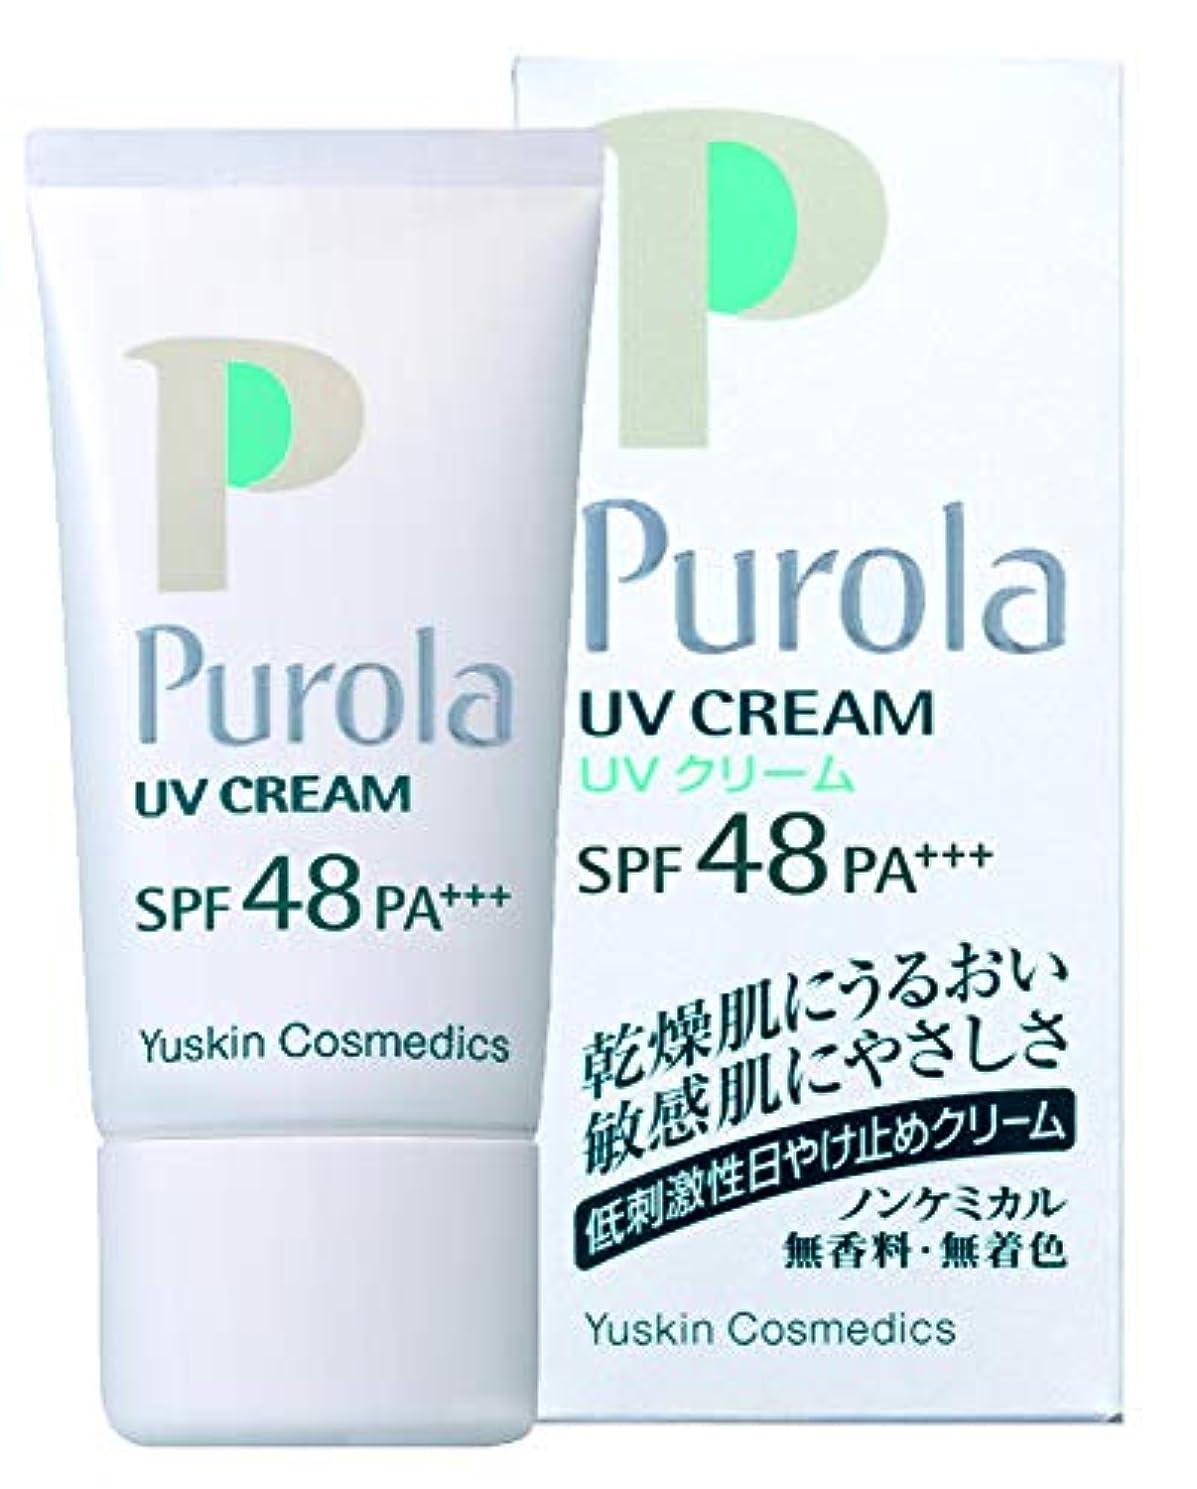 アナロジー実際化学薬品プローラ UVクリーム 30g SPF48 PA+++ (敏感肌用 日焼け止め)